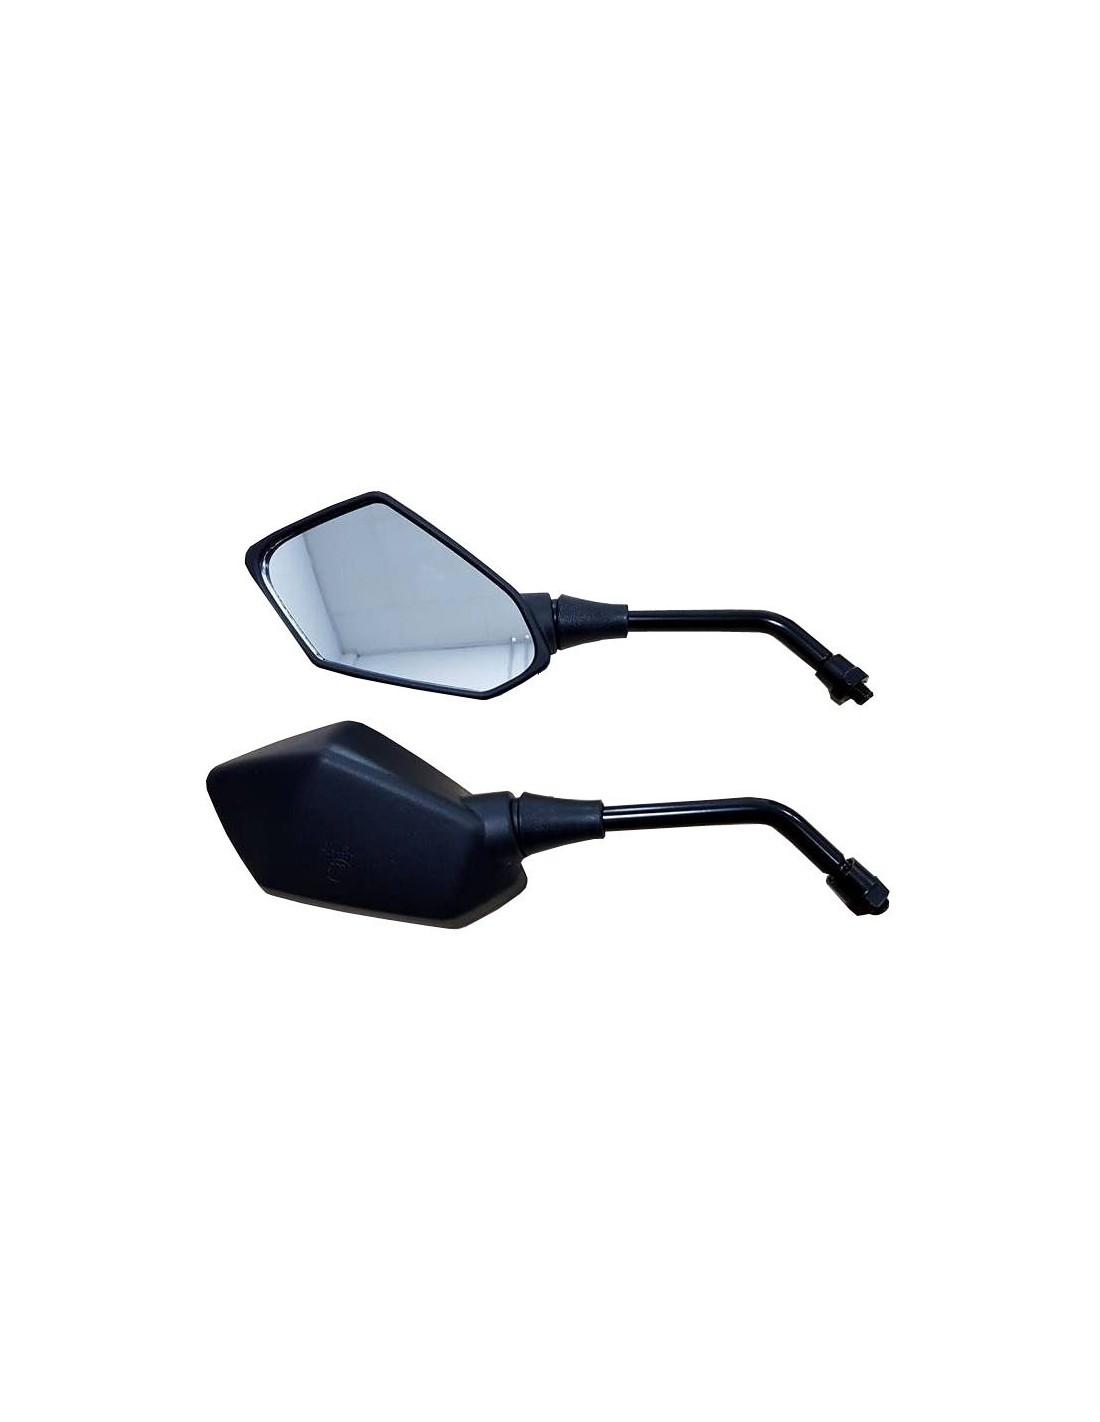 Espejos retrovisores universales hexagonales color negro 81-K058-01-3